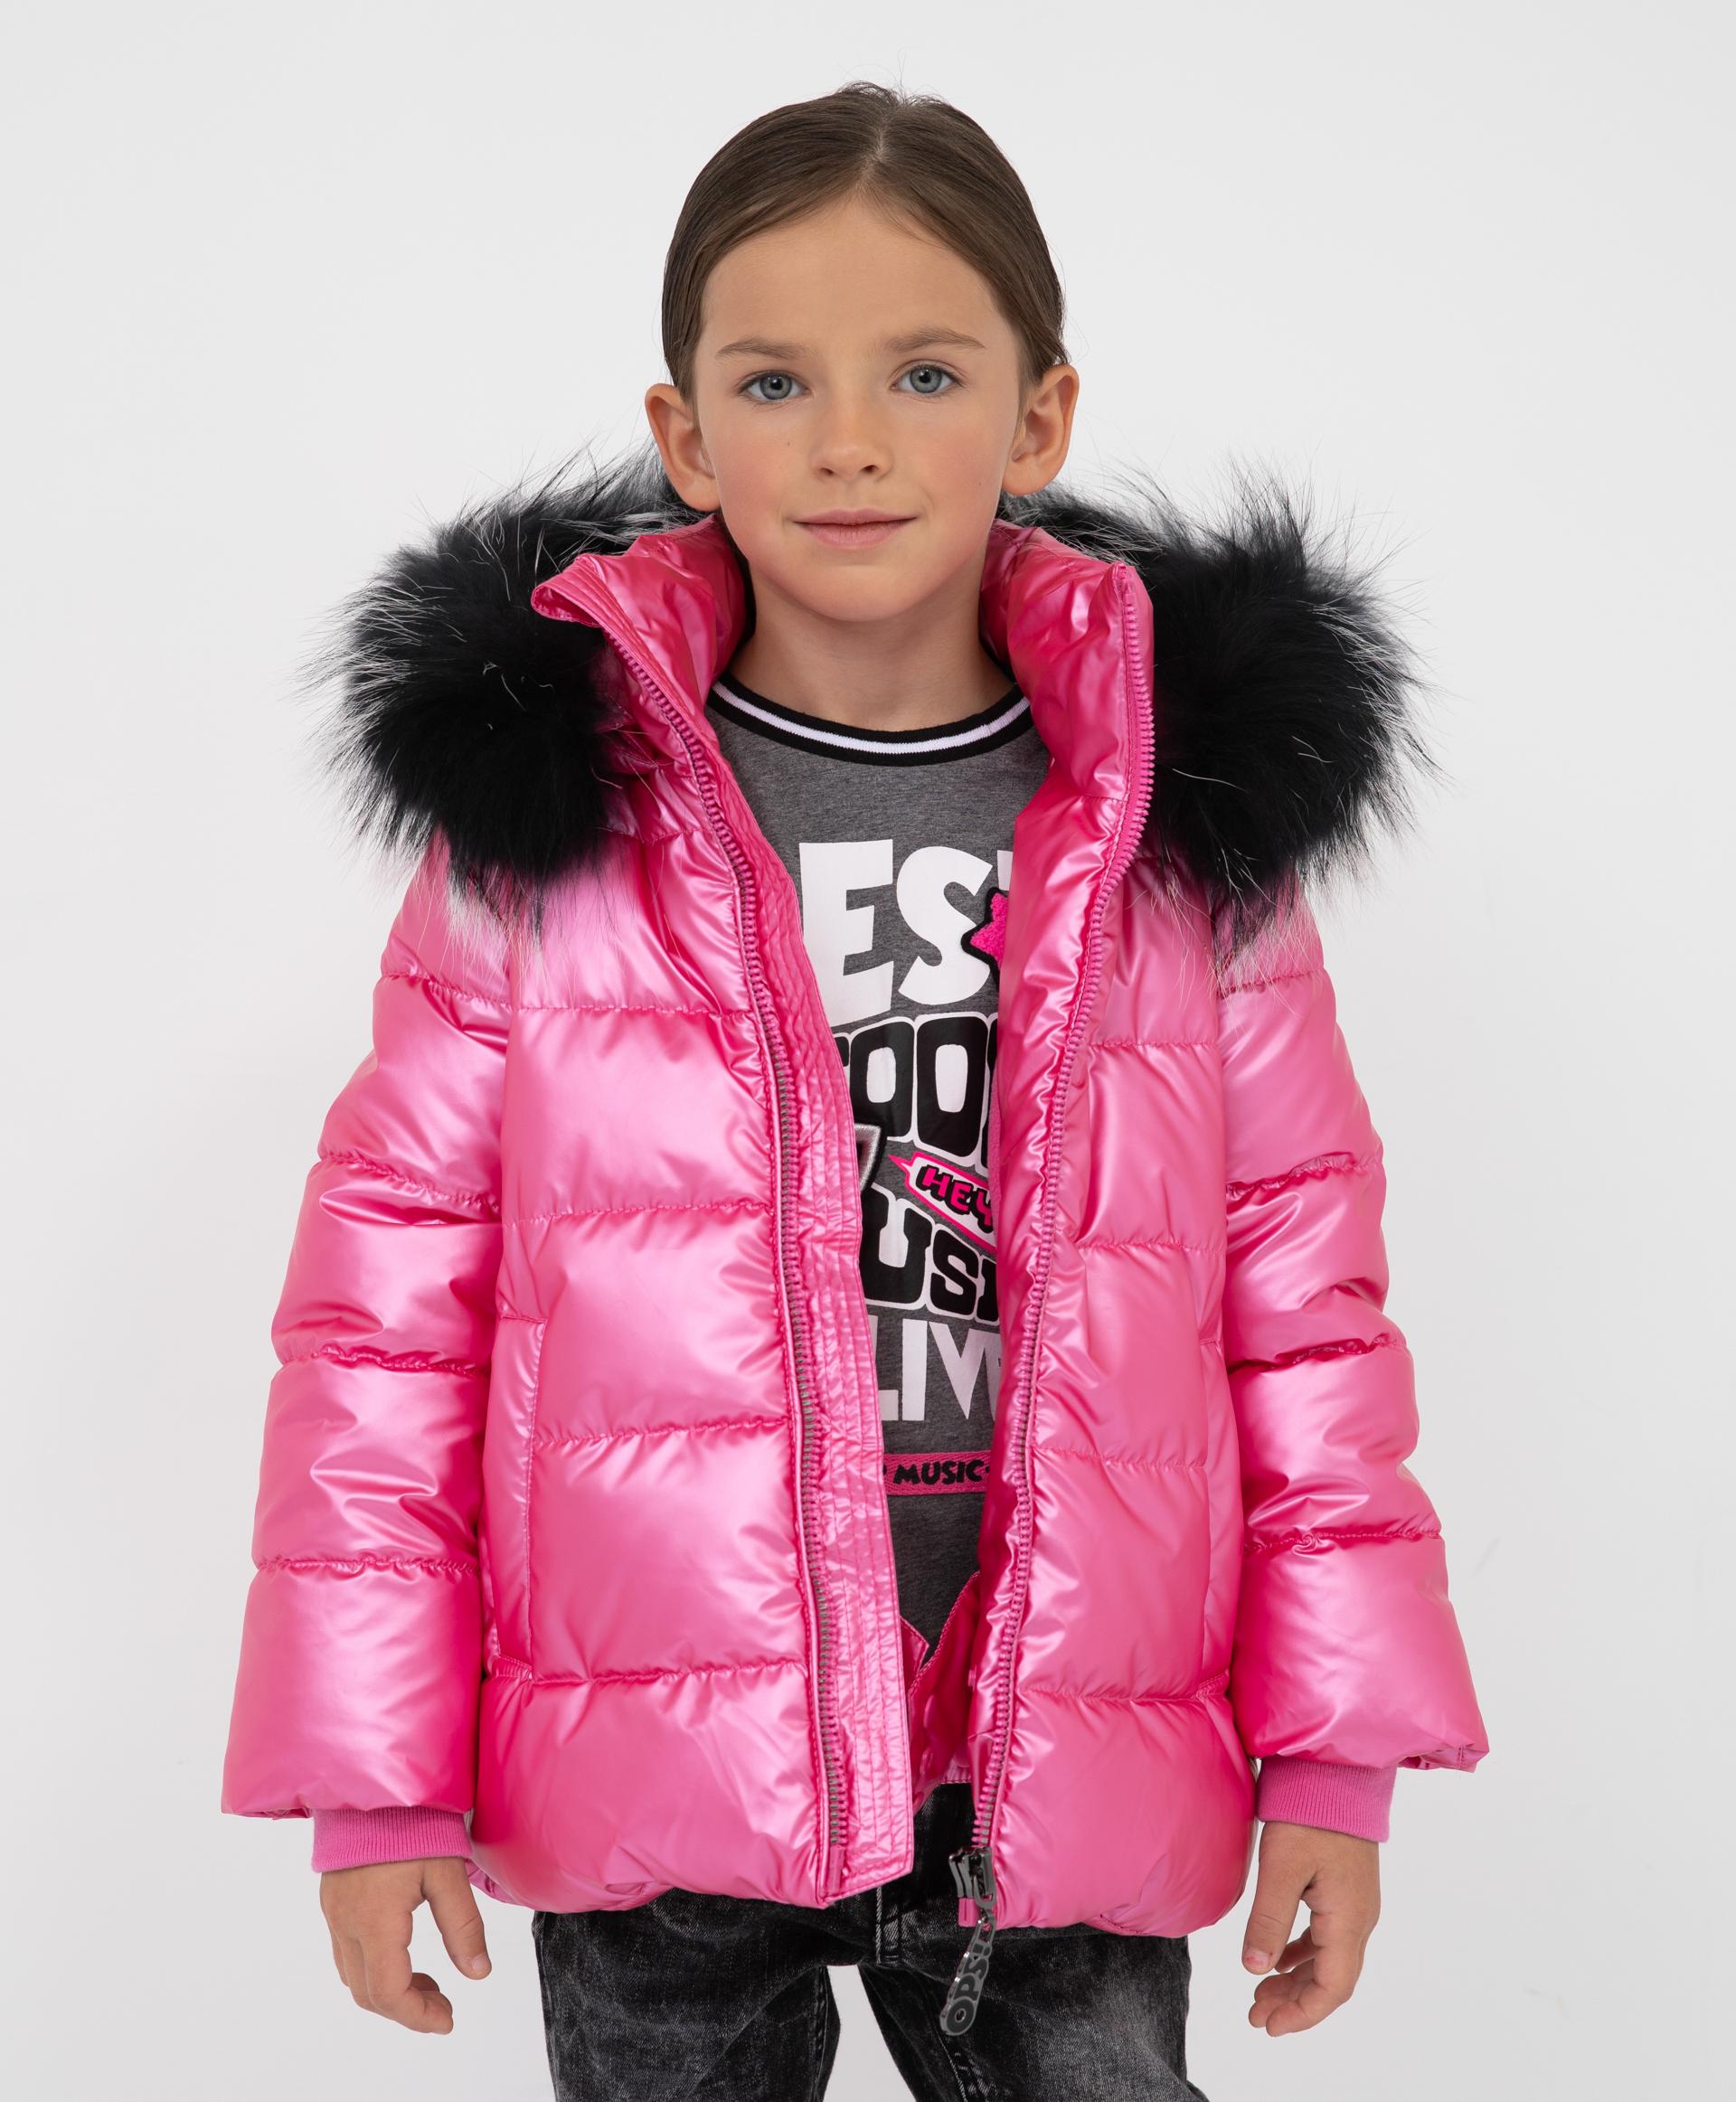 Купить 22003GMC4109, Куртка зимняя с капюшоном Gulliver, розовый, 128, Полиэстер, Женский, Зима, ОСЕНЬ/ЗИМА 2021-2022 (shop: GulliverMarket Gulliver Market)